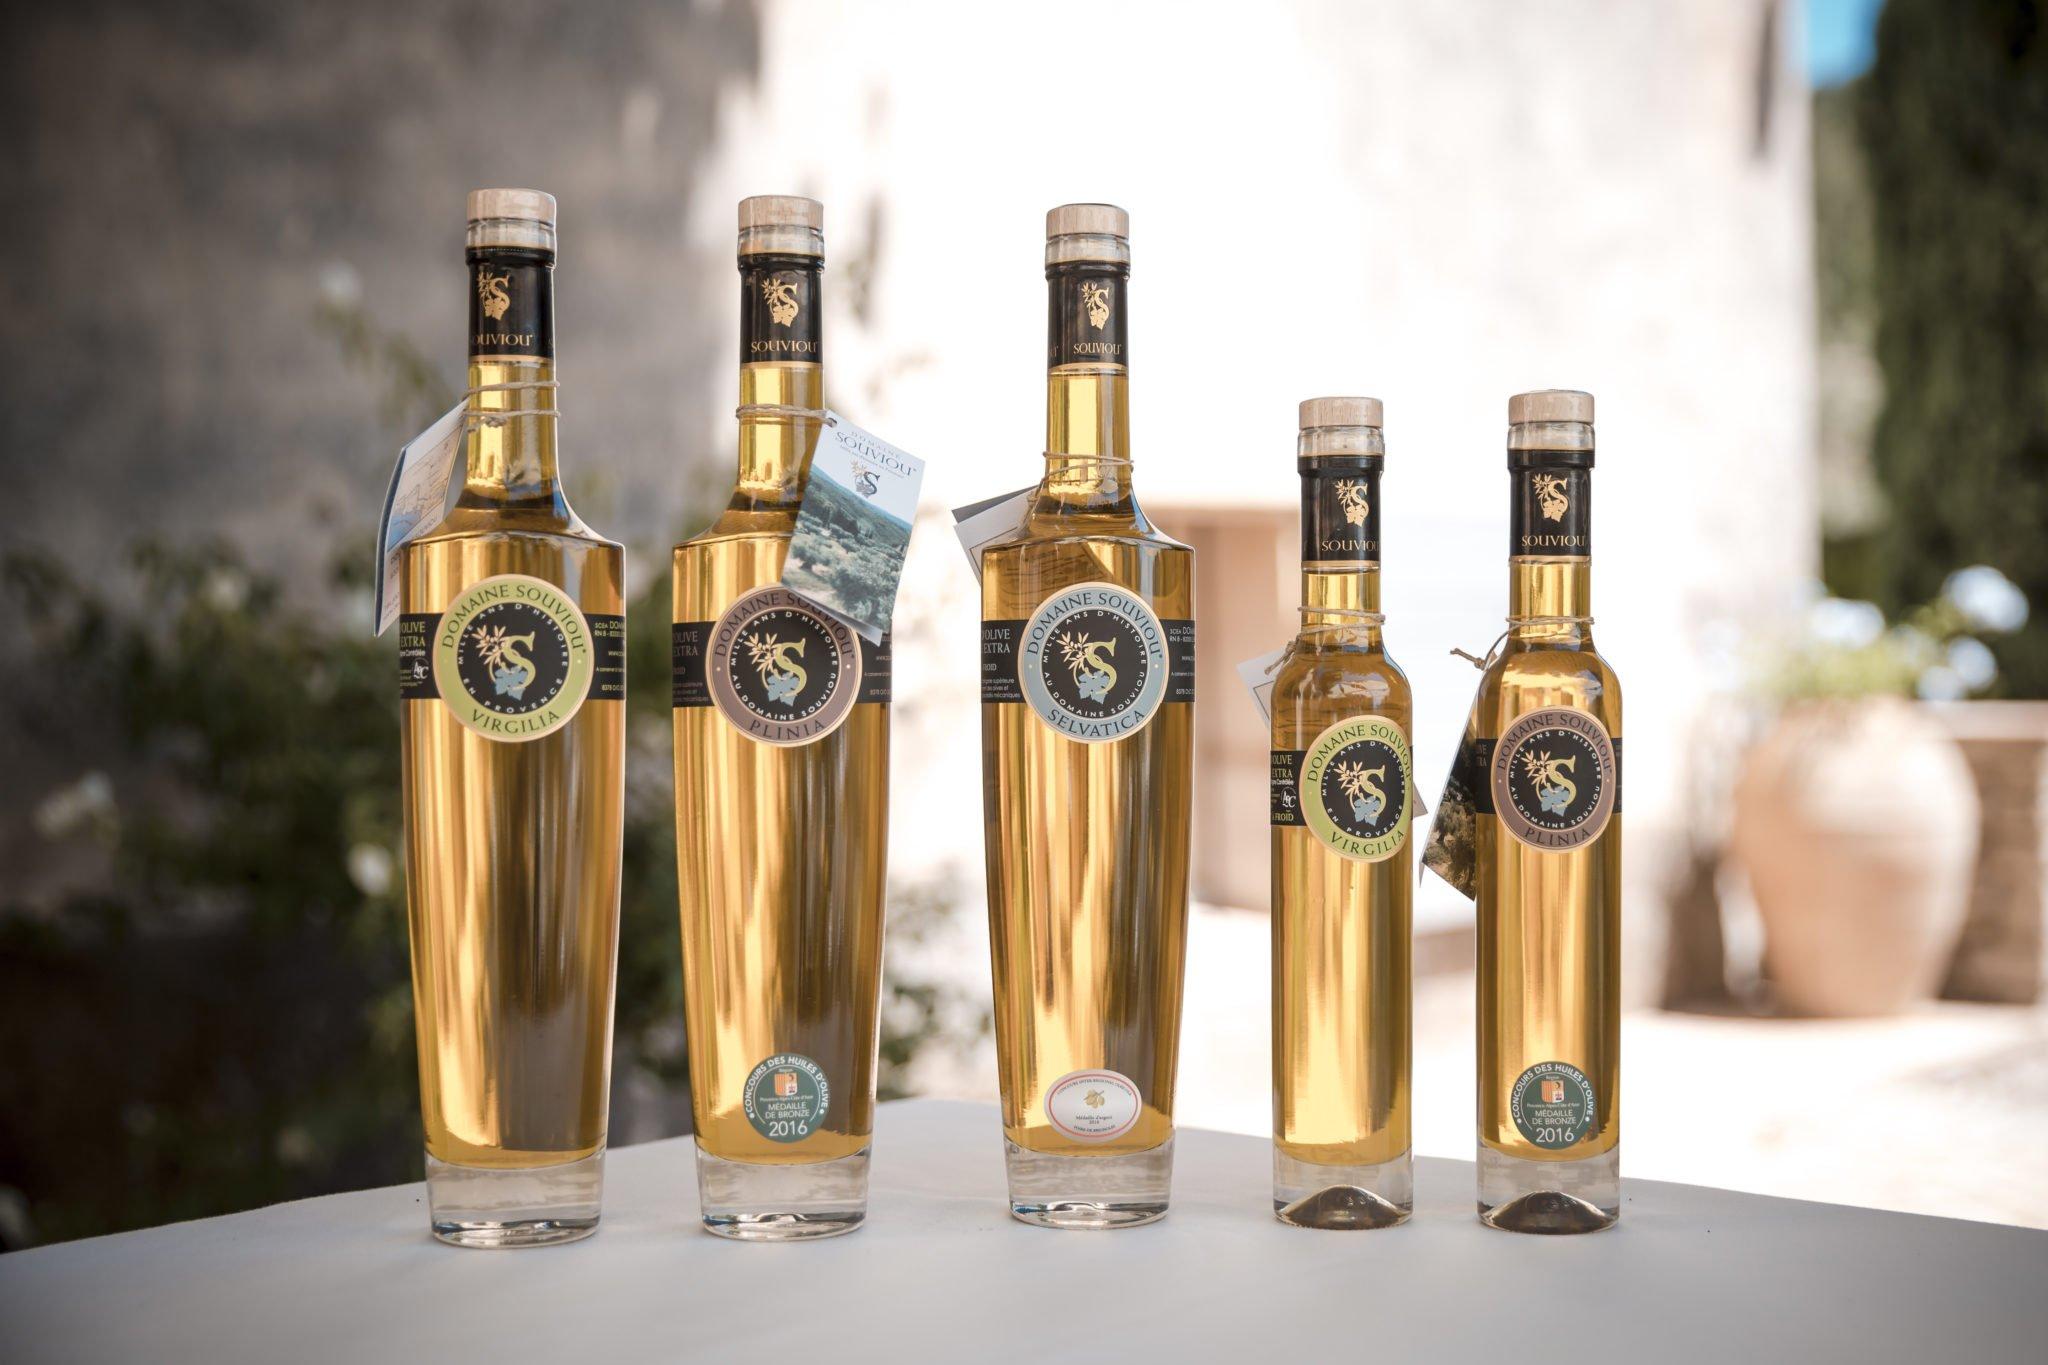 souviou-huile-d'olive-var